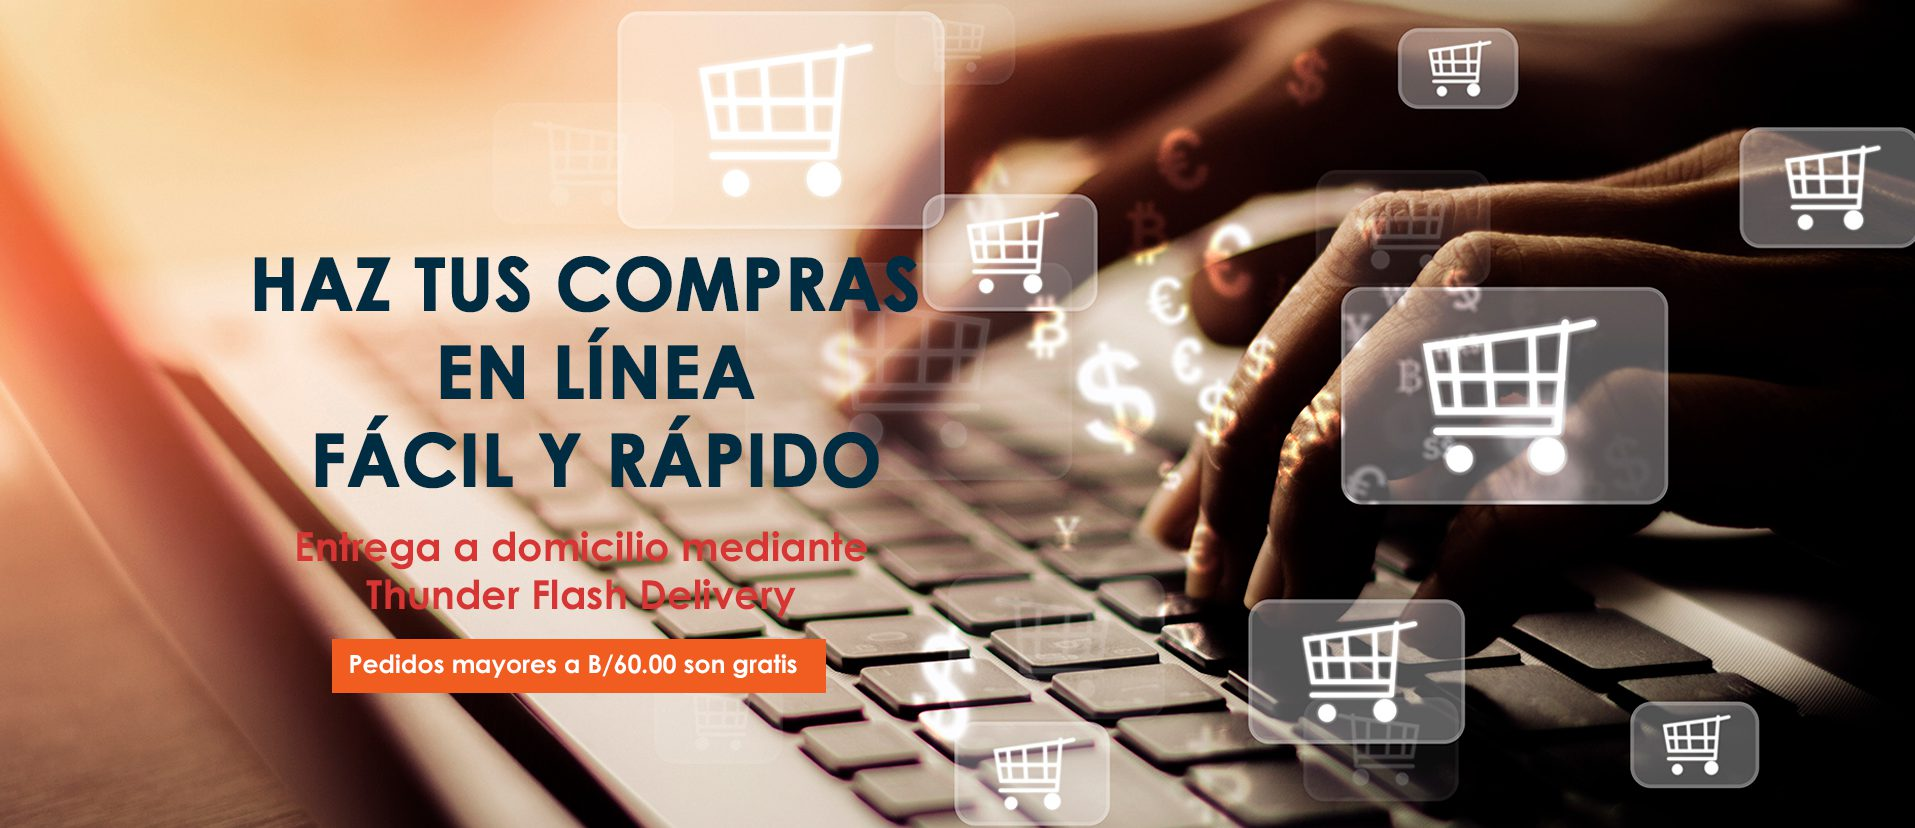 Haz tu compras en línea fácil y rápido